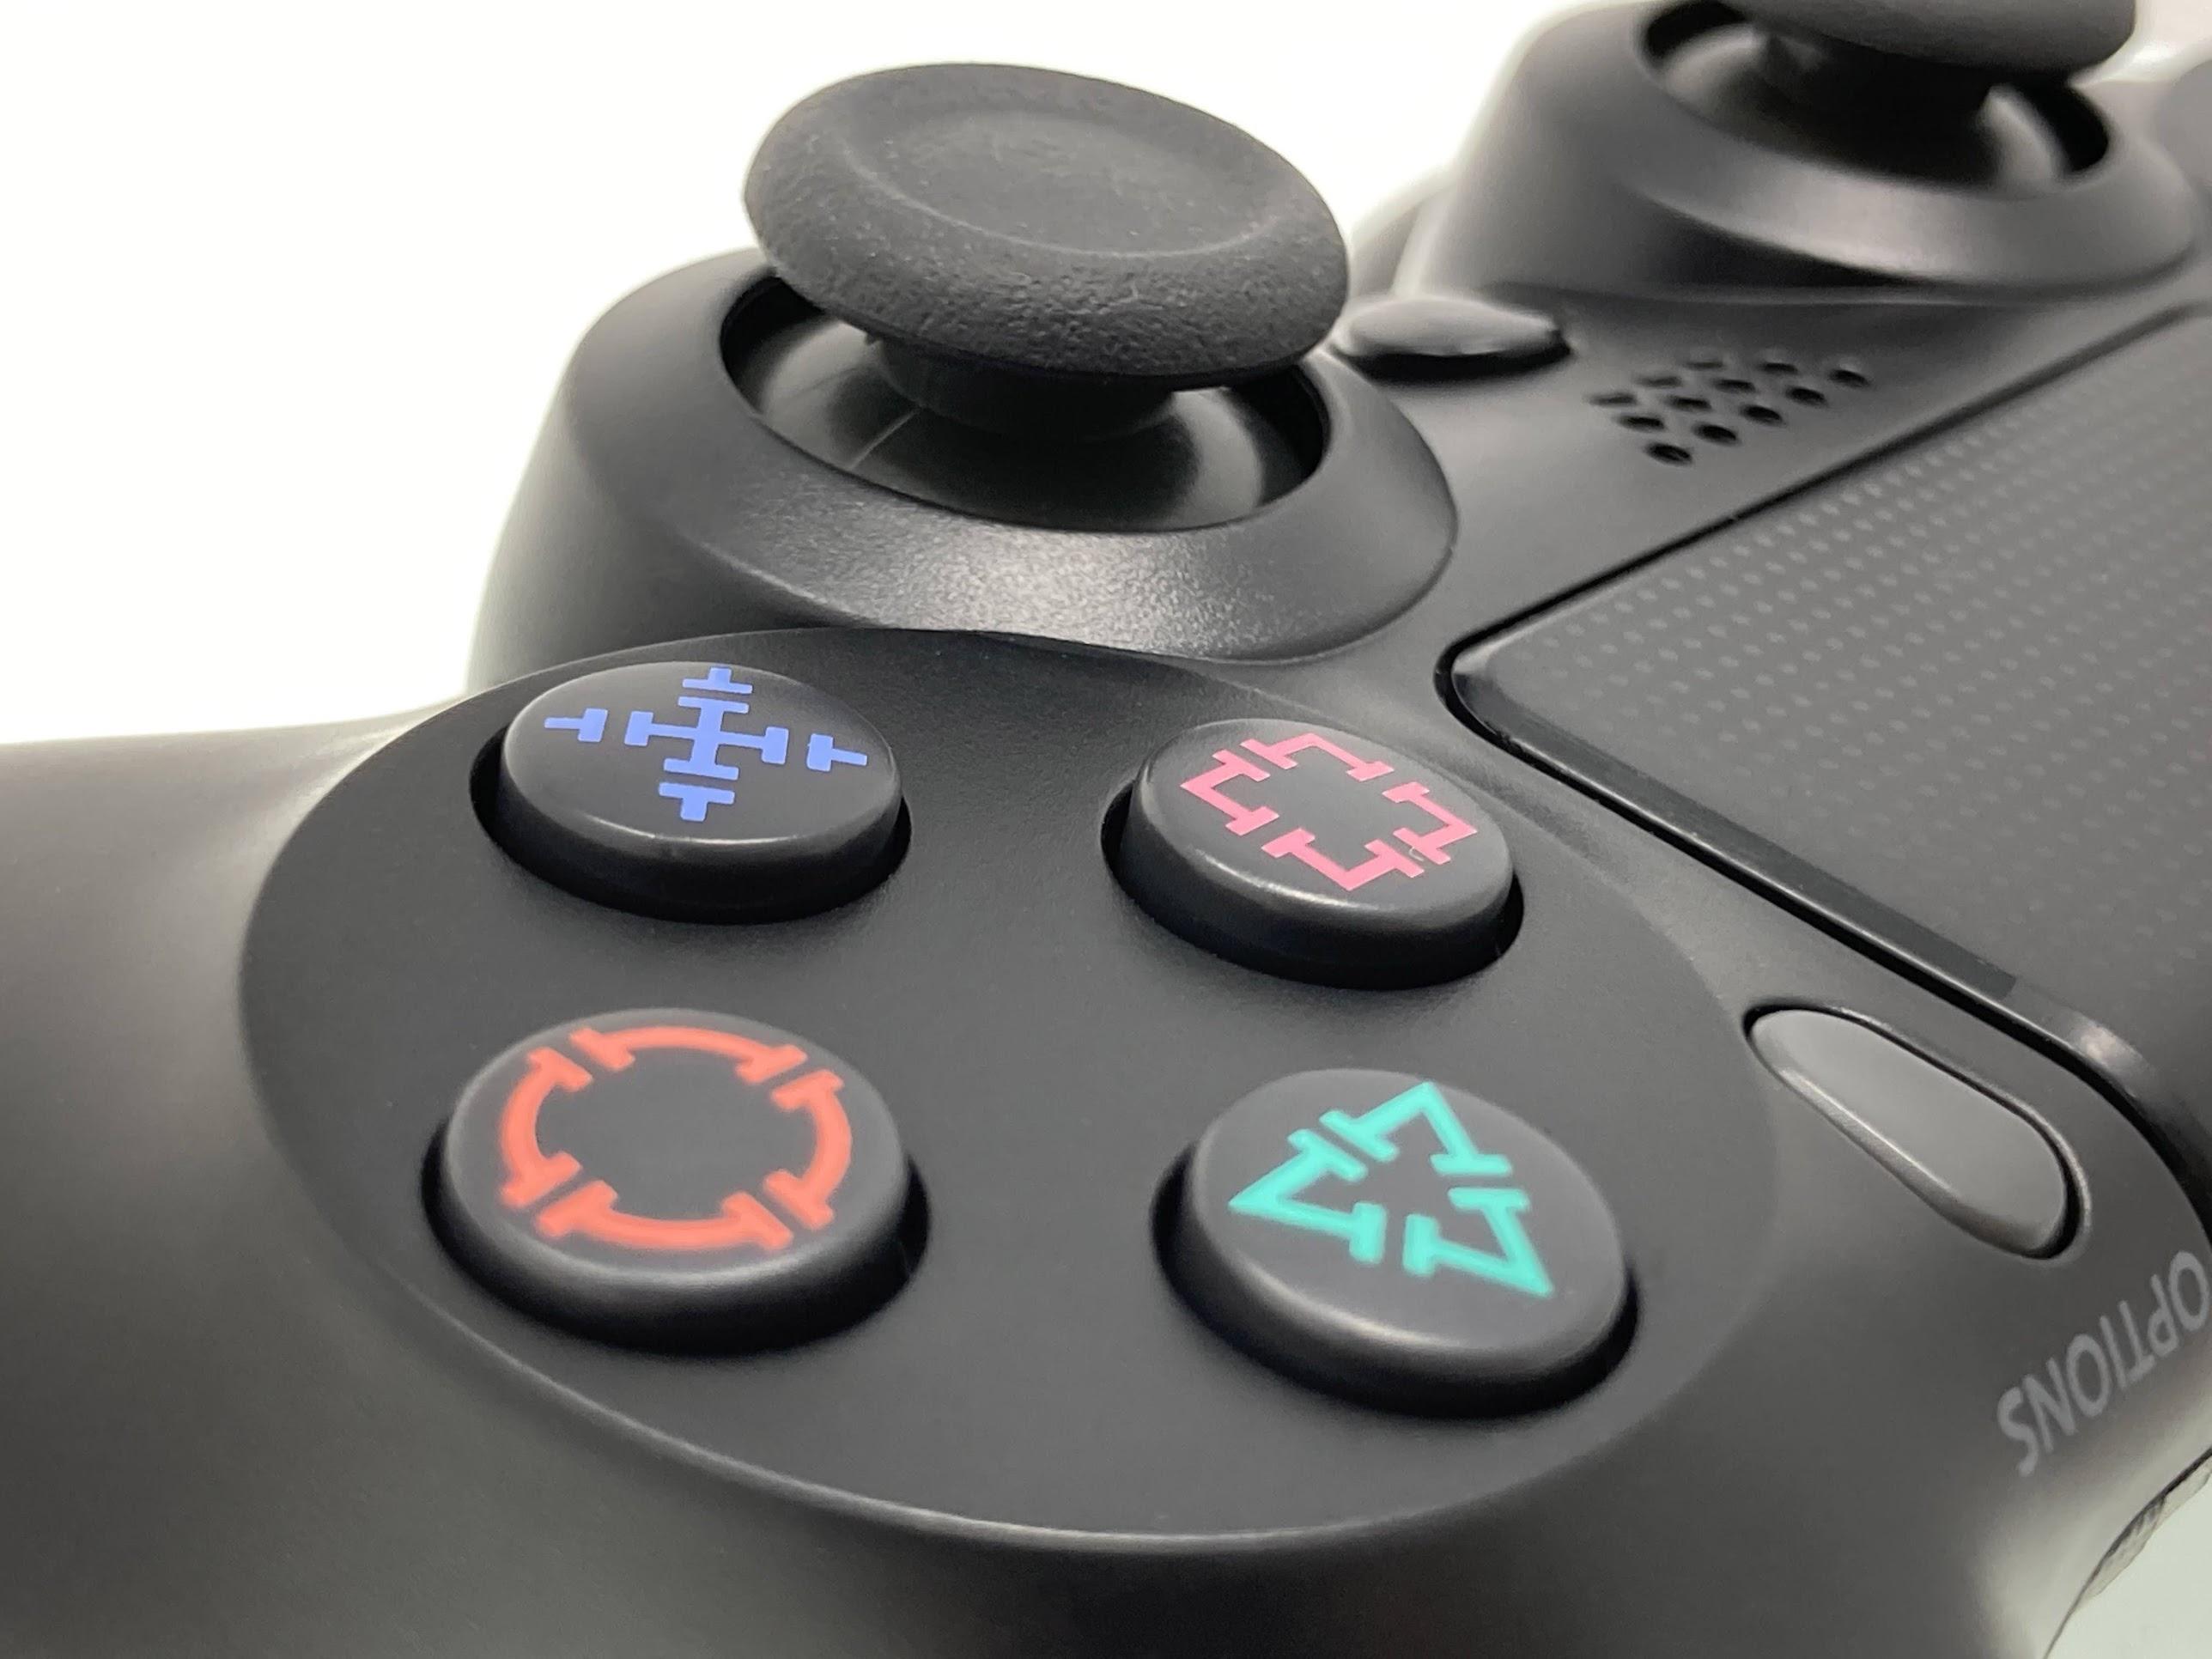 PS4 Joystick Controller close up 3